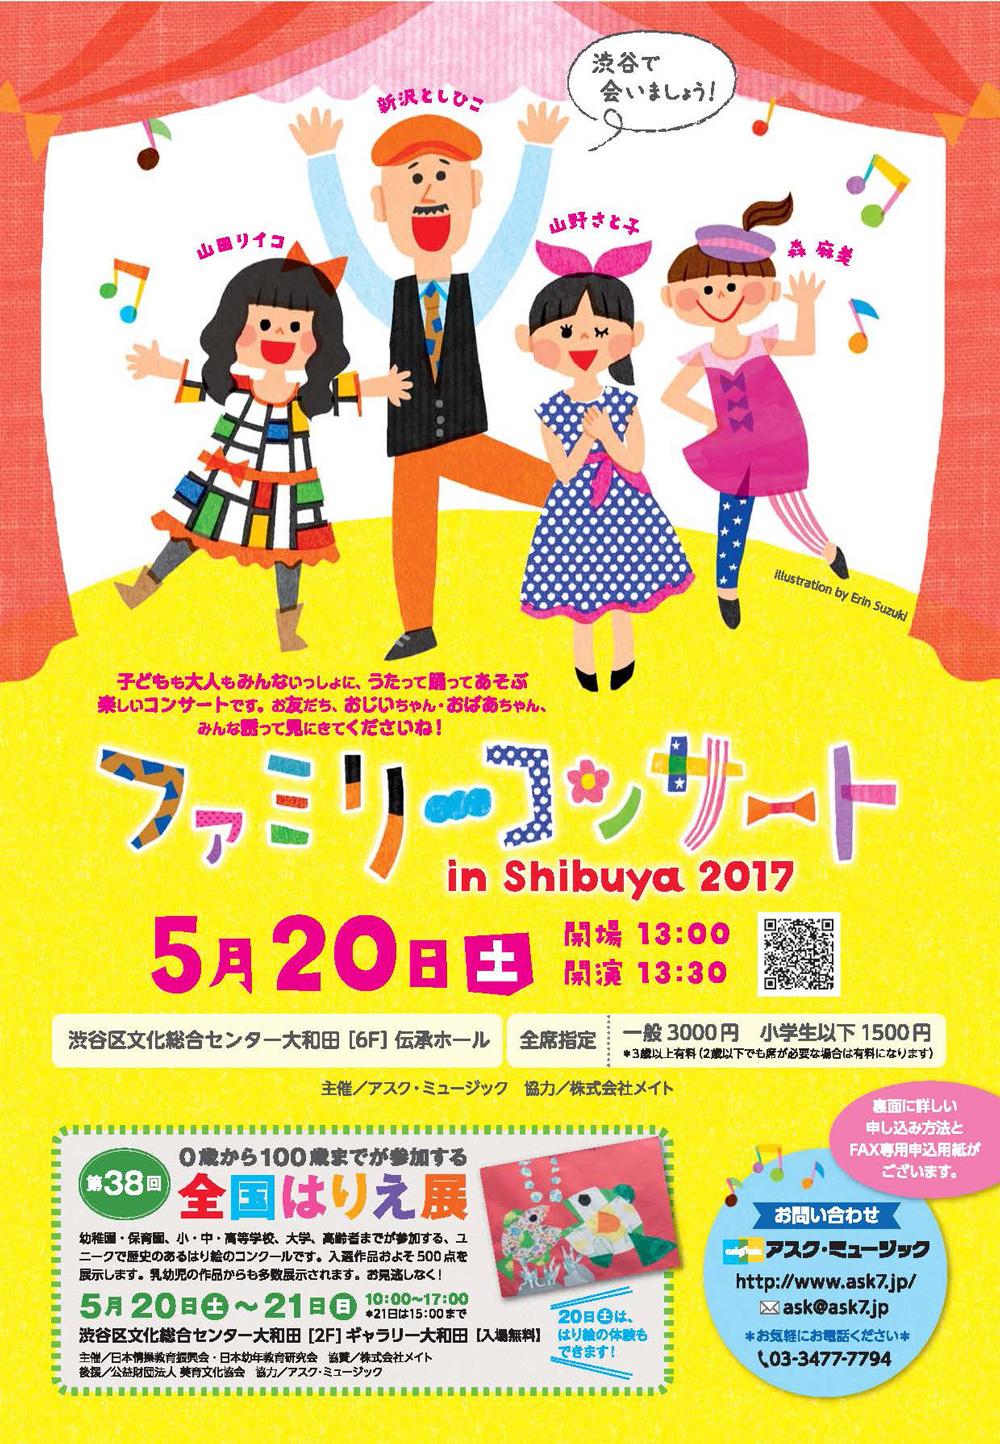 ファミリーコンサート in Shibuya 2017